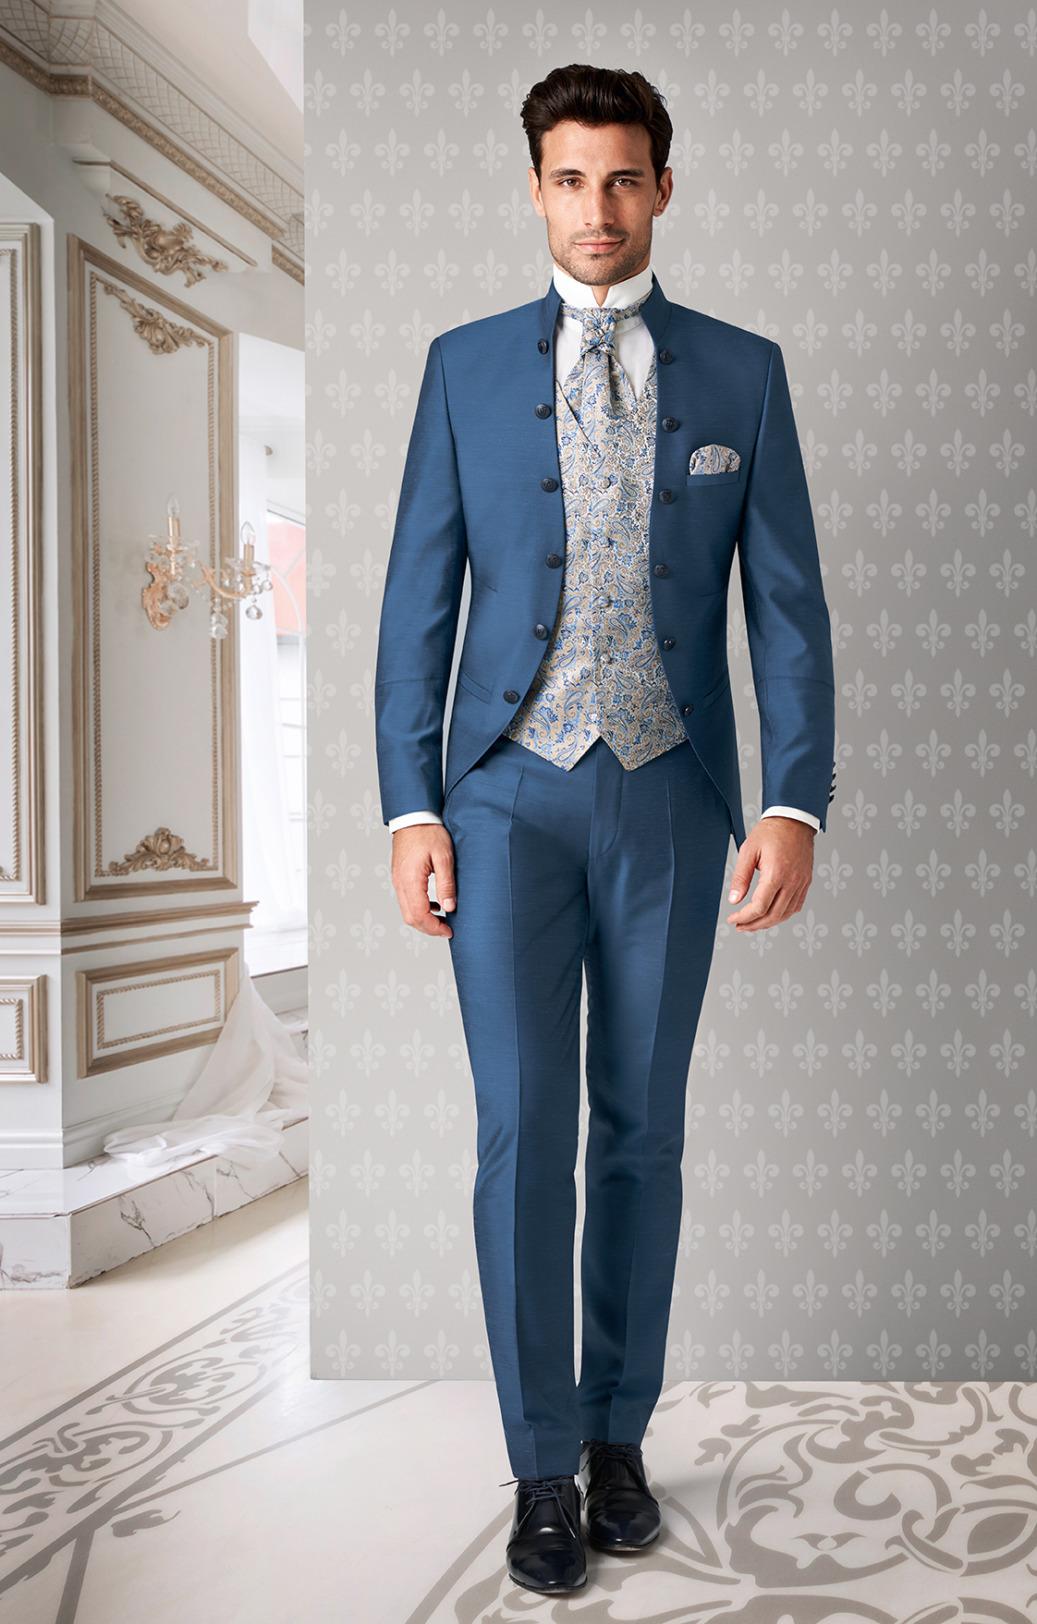 Wilvorst Tziacco Hochzeitsanzug Männer Mode Bräutigam extravagant mittelblau mit Zierknöpfen Stehkragen und gemusterter Weste in creme blau Jabot weisses Hemd mit Stehkragen